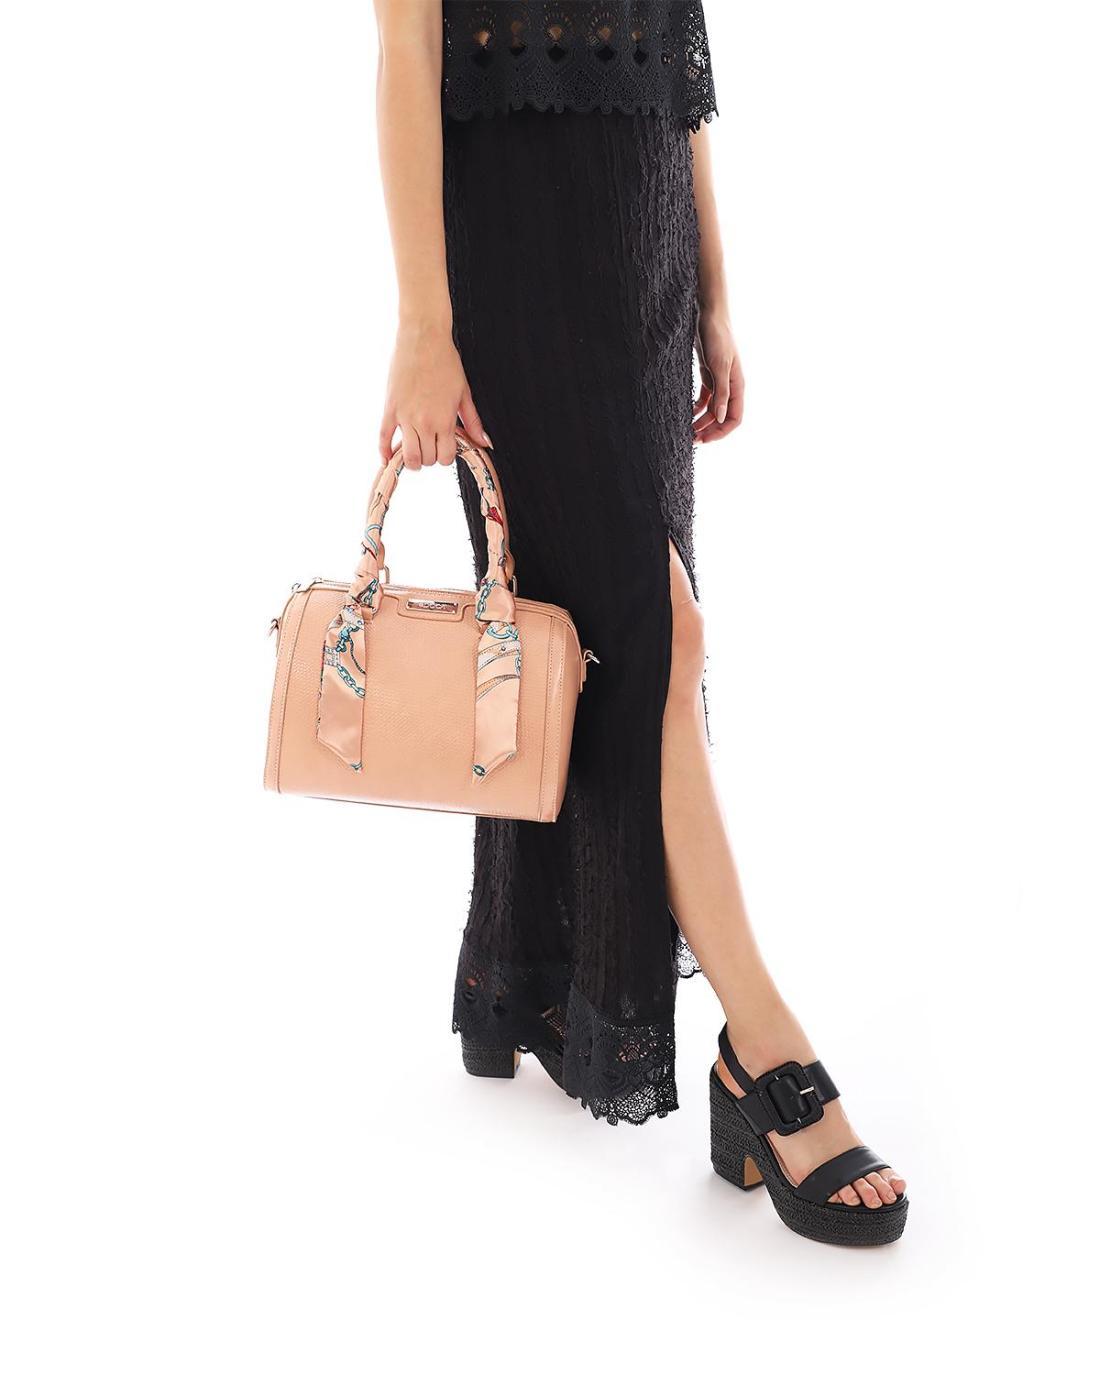 Rosa handtasche